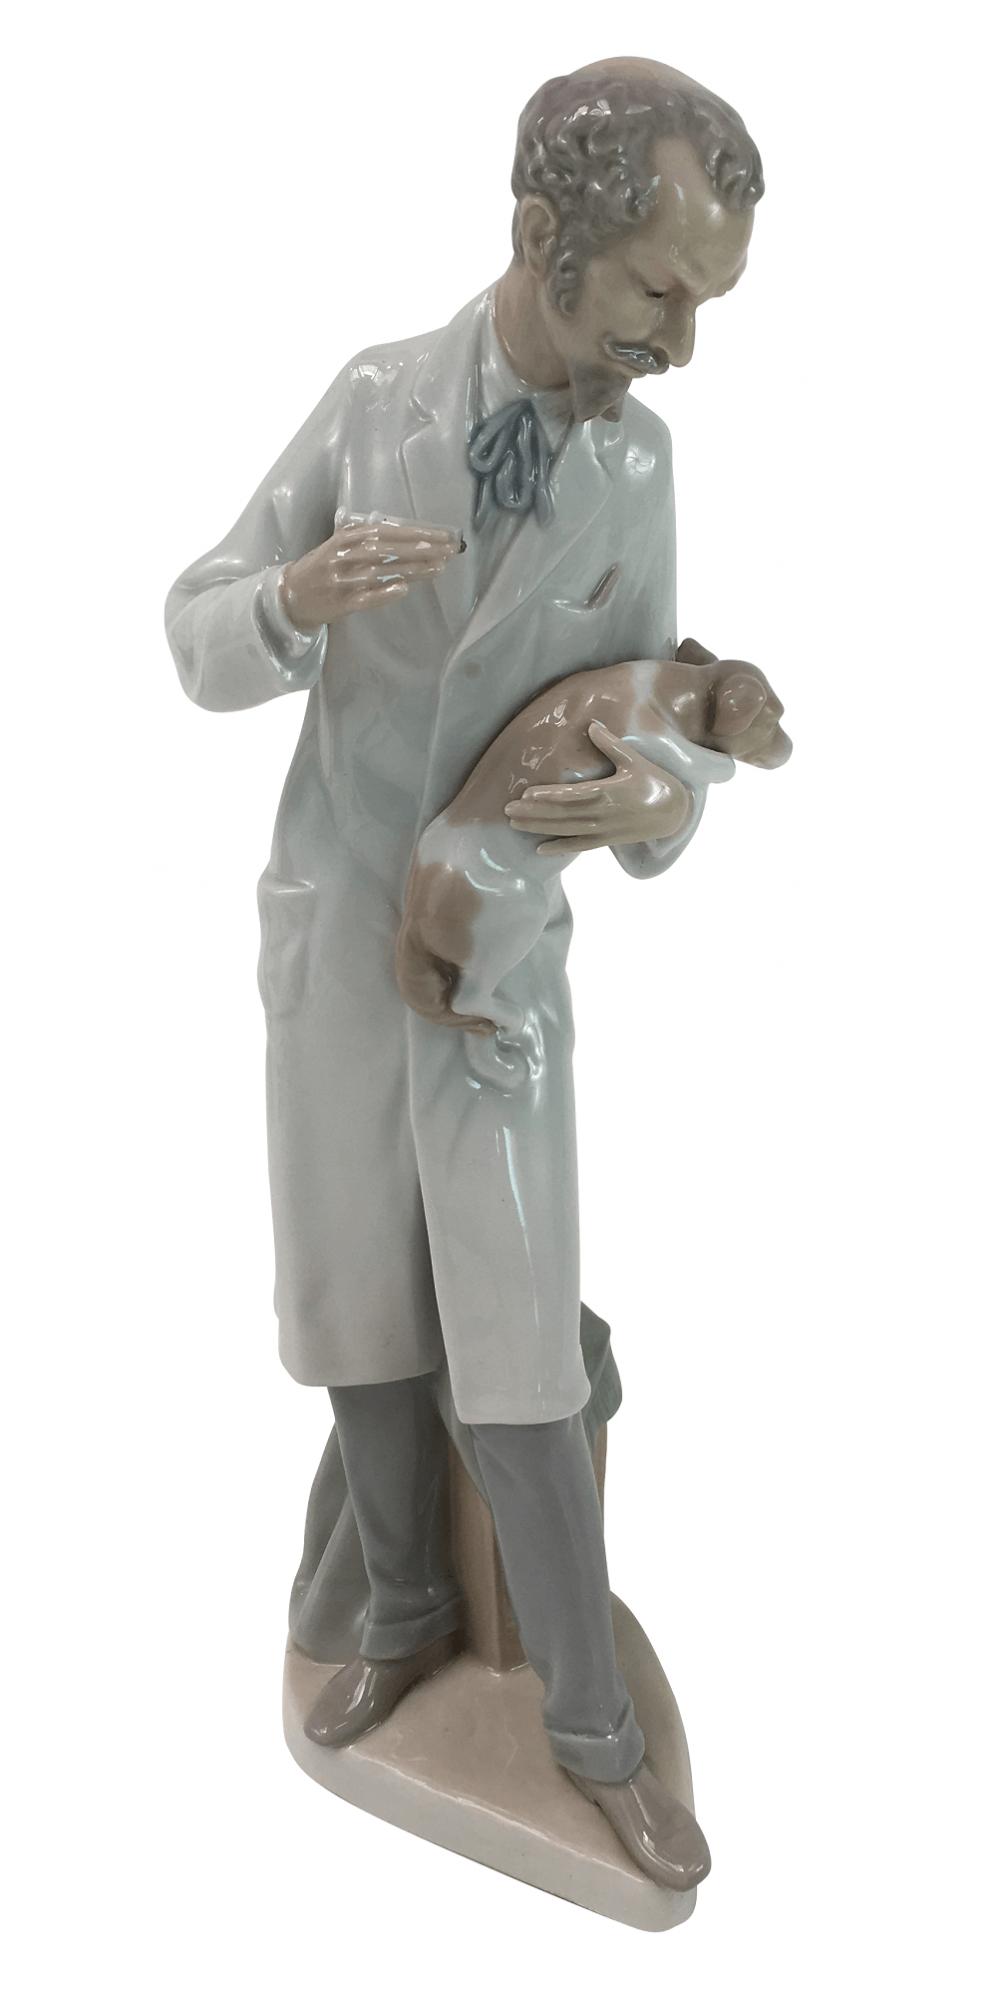 Antiga Porcelana Lladro Escultura Veterinario 34cm